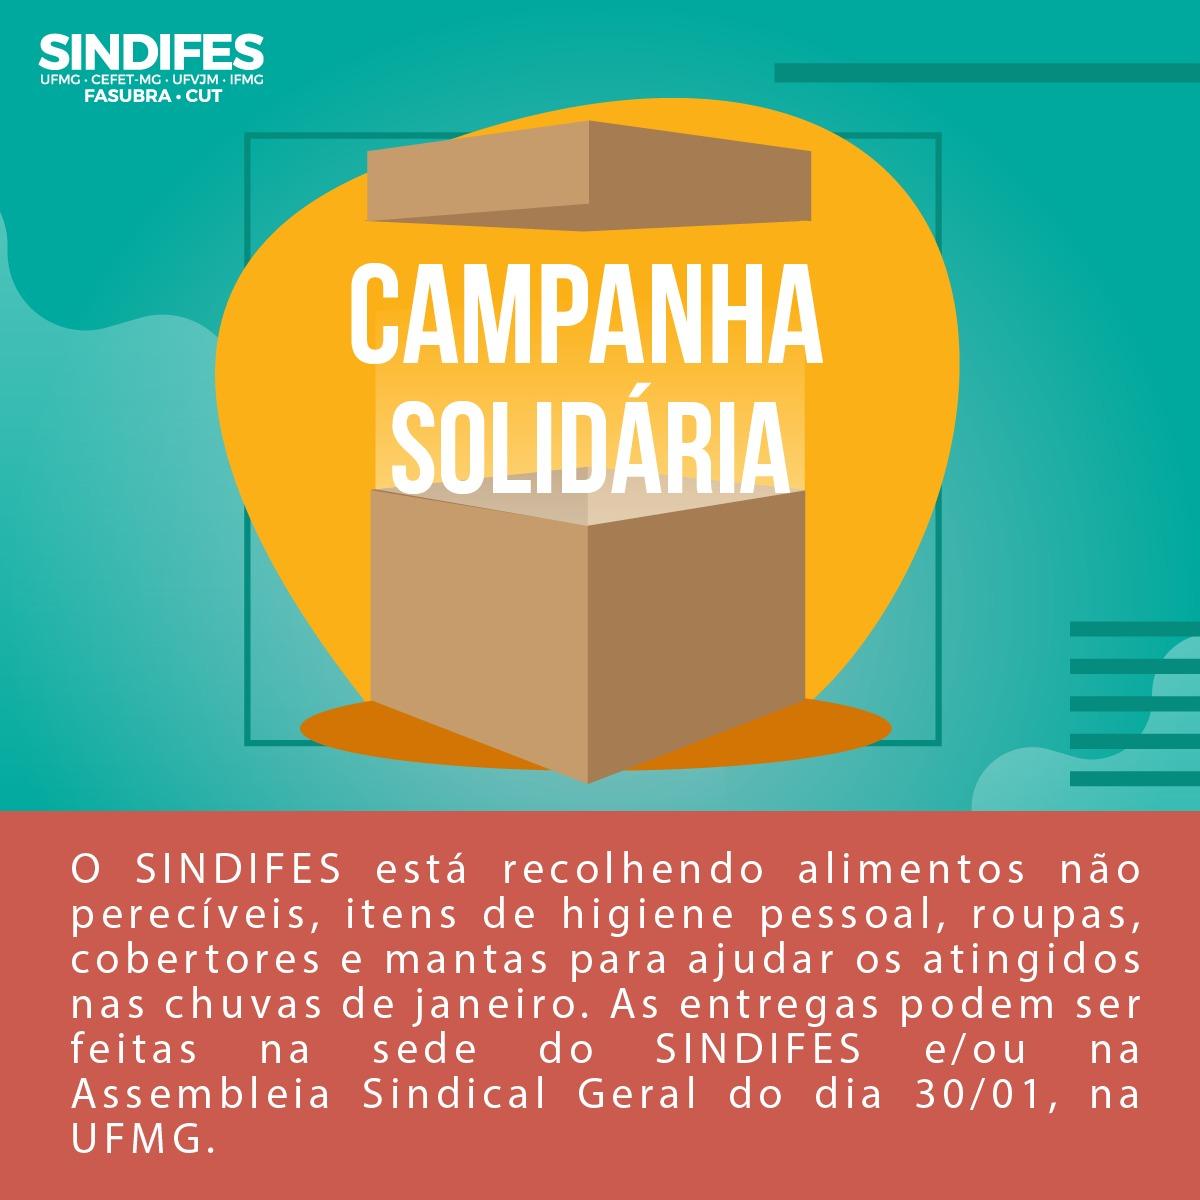 Estamos recebendo doações para as famílias que sofreram com as chuvas na região metropolitana de Belo Horizonte 1